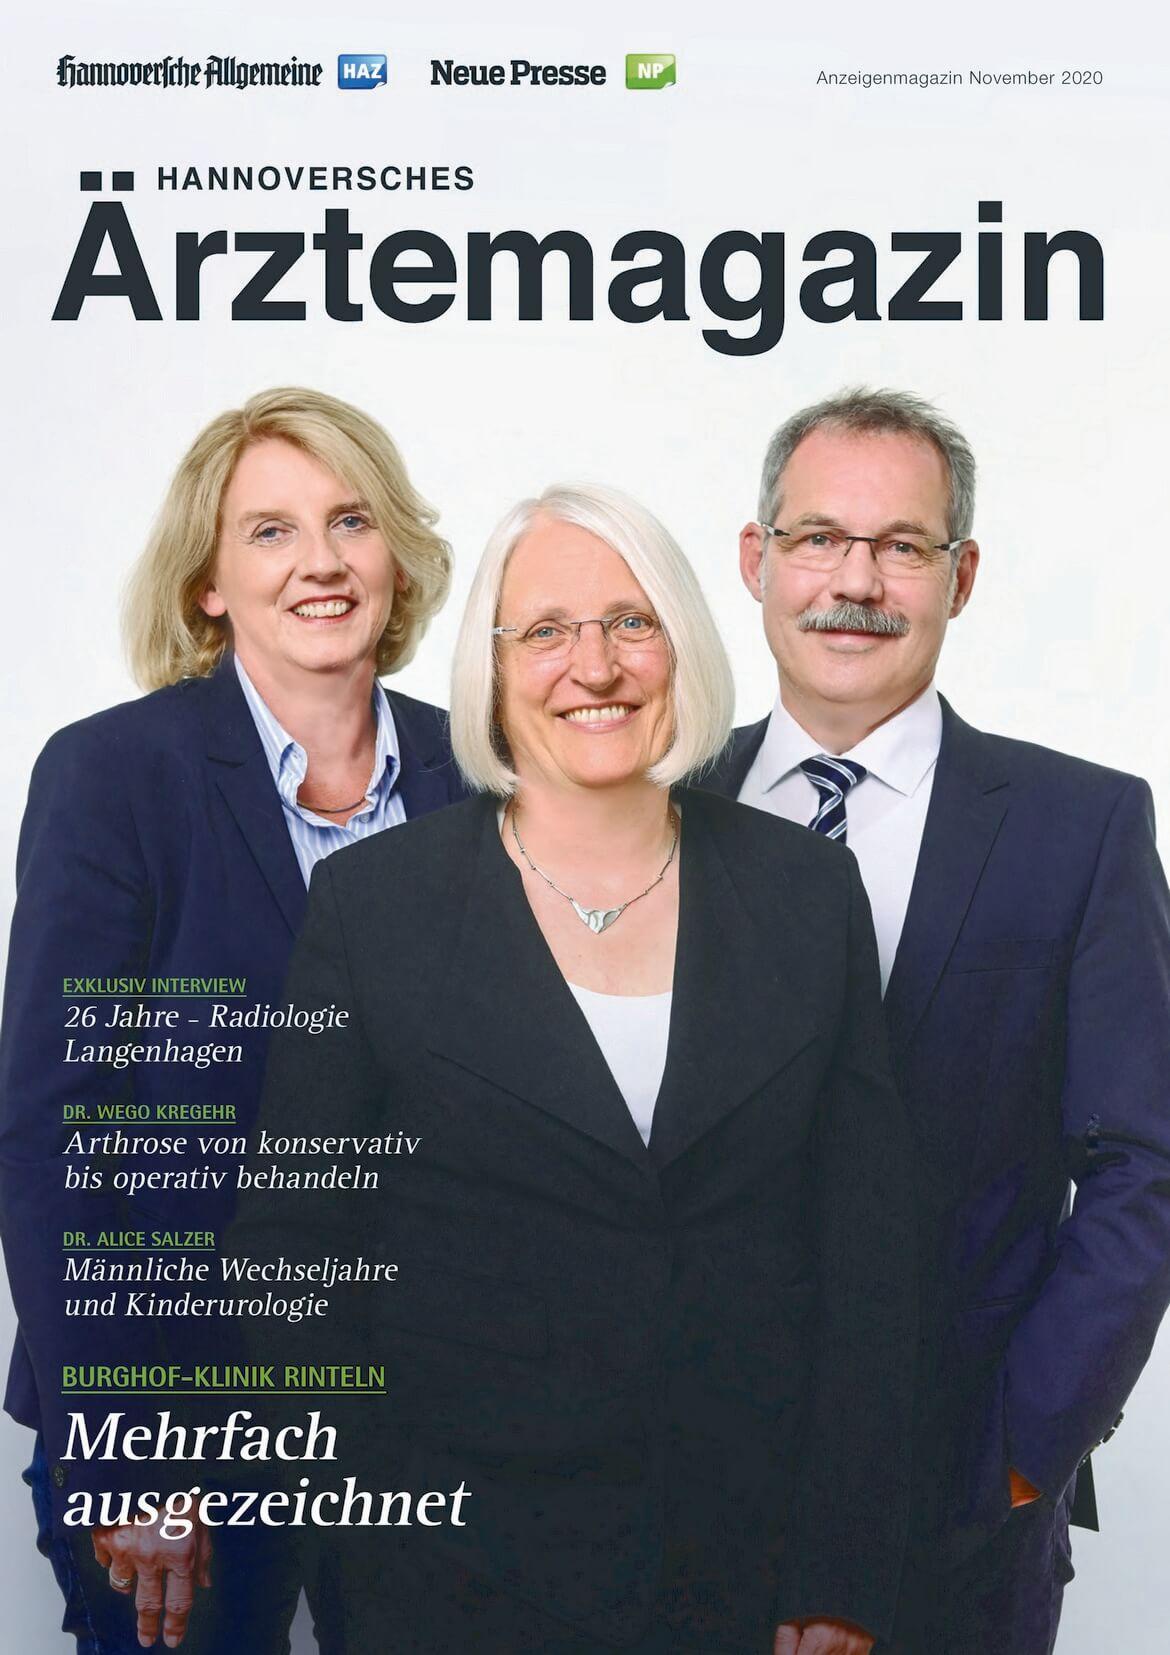 Hannoversches Ärztemagazin Ausgabe November 2020 erschienen